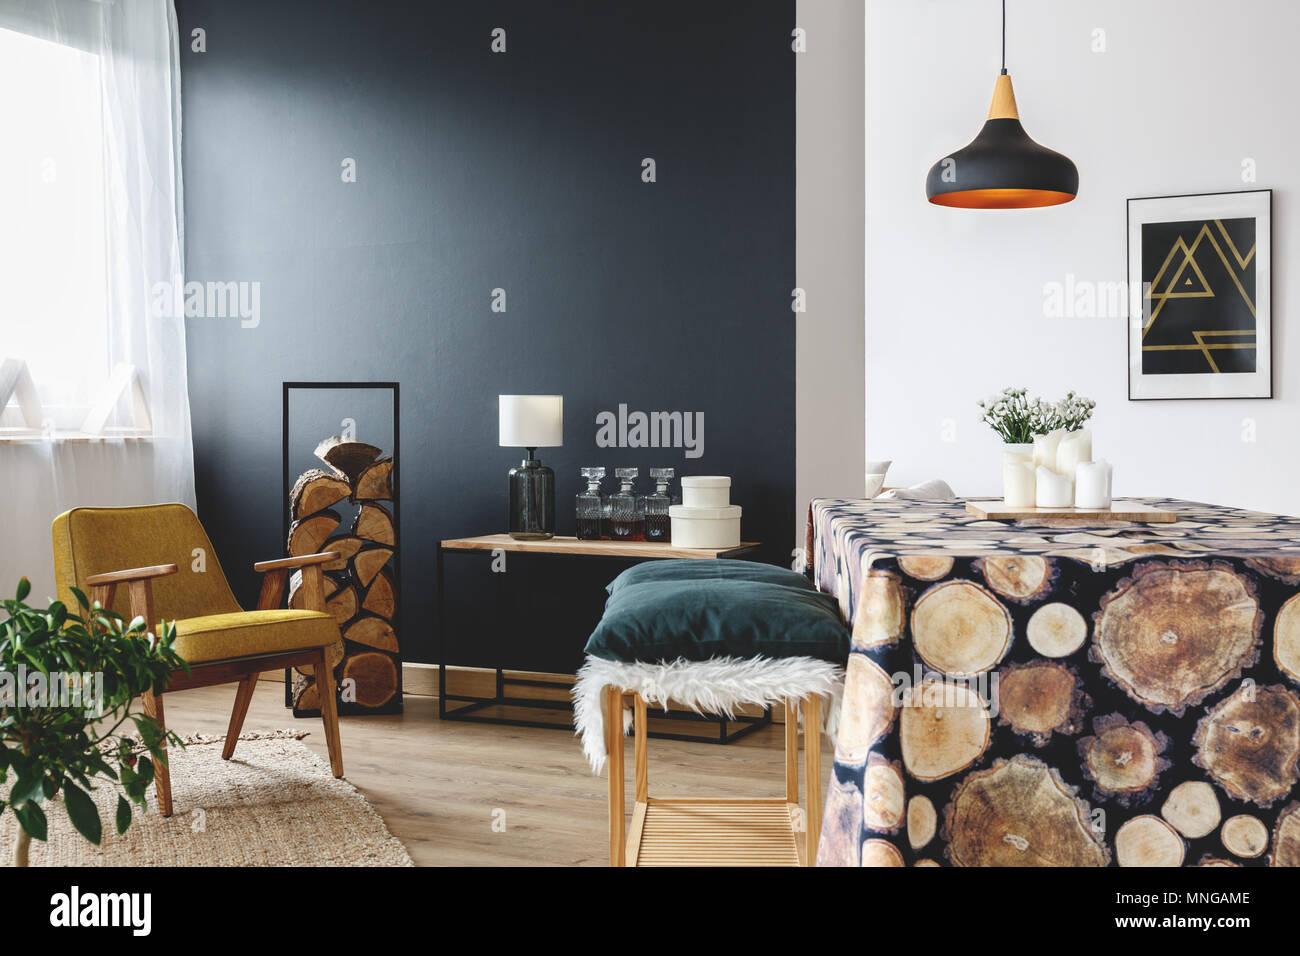 Idée Décoration Maison Rustique Pour Appartement Confortable Avec Mur Noir  Et Capot Table De Bois Rond